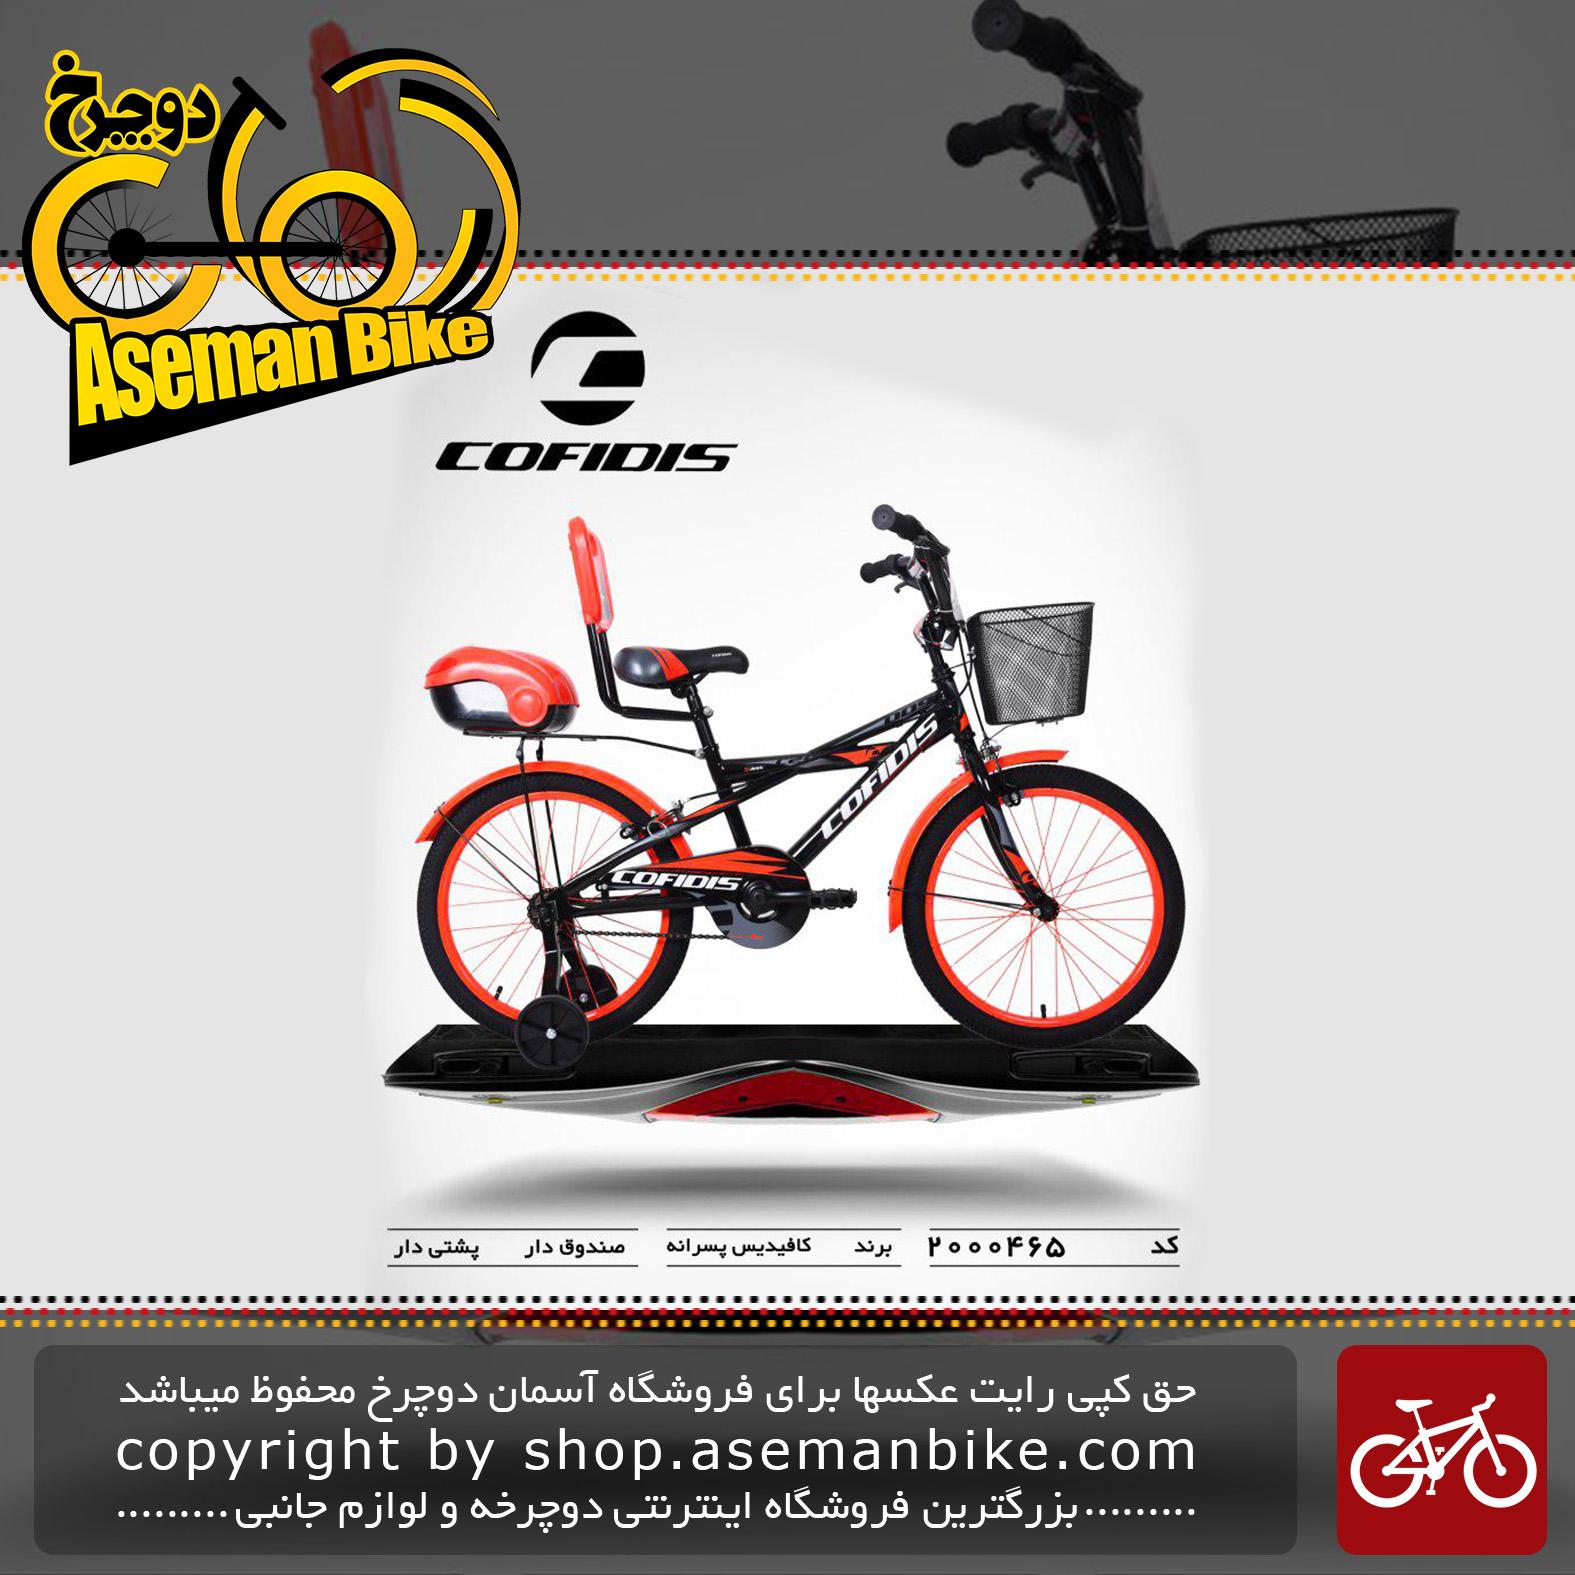 دوچرخه کافیدیس تایوان صندوق و سبد دار مدل 465 سایز 20 COFIDIS Bicycle 465 Size 20 2019